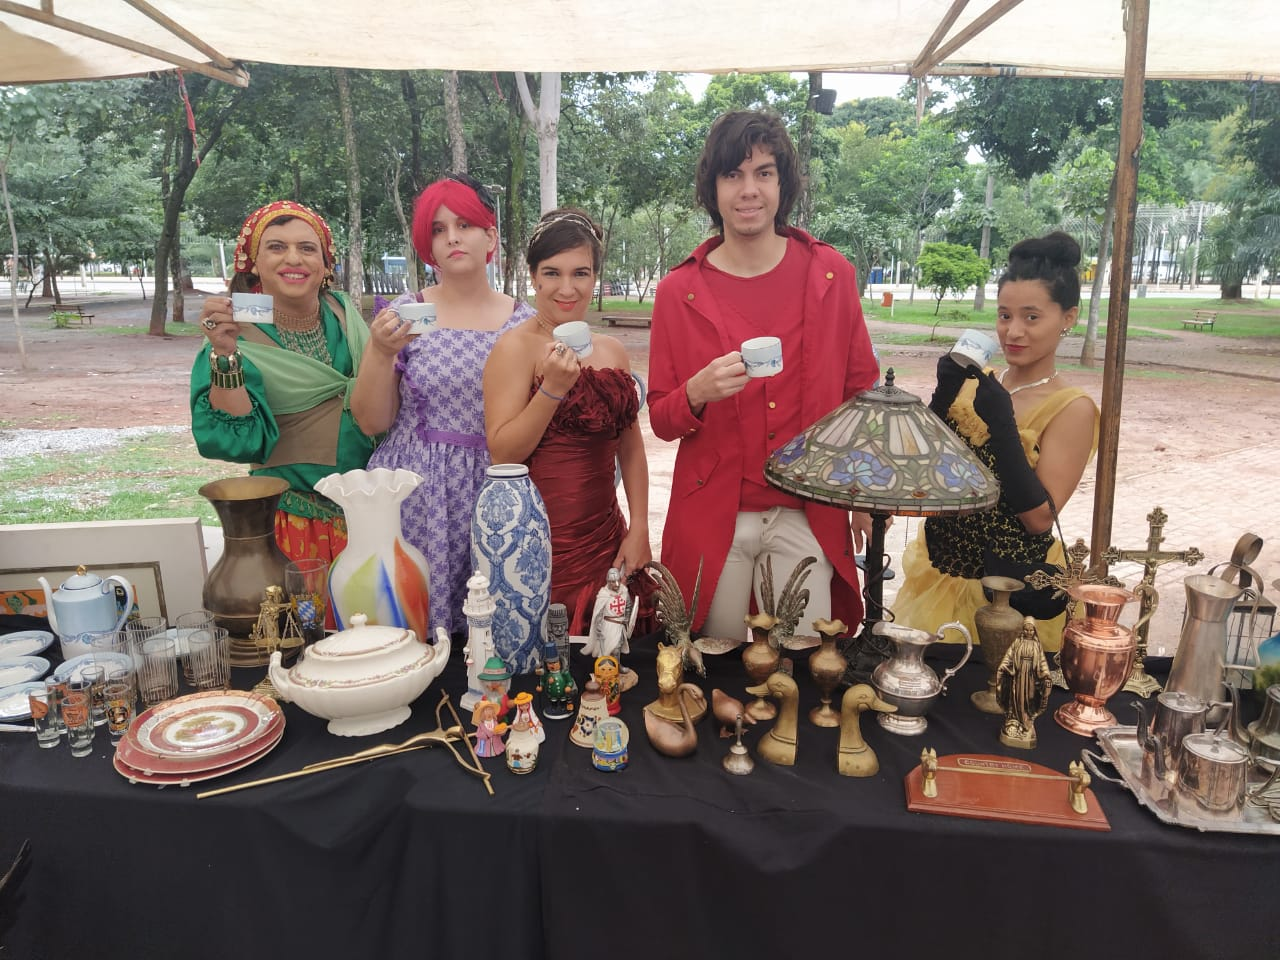 Feira de Antiguidades da Praça Tamandaré. Da esquerda pra direita: Condessa Valéria Vaz, Caroline Pinheiro, Valquíria Vital, King Arthur e Thaynara Crispim.